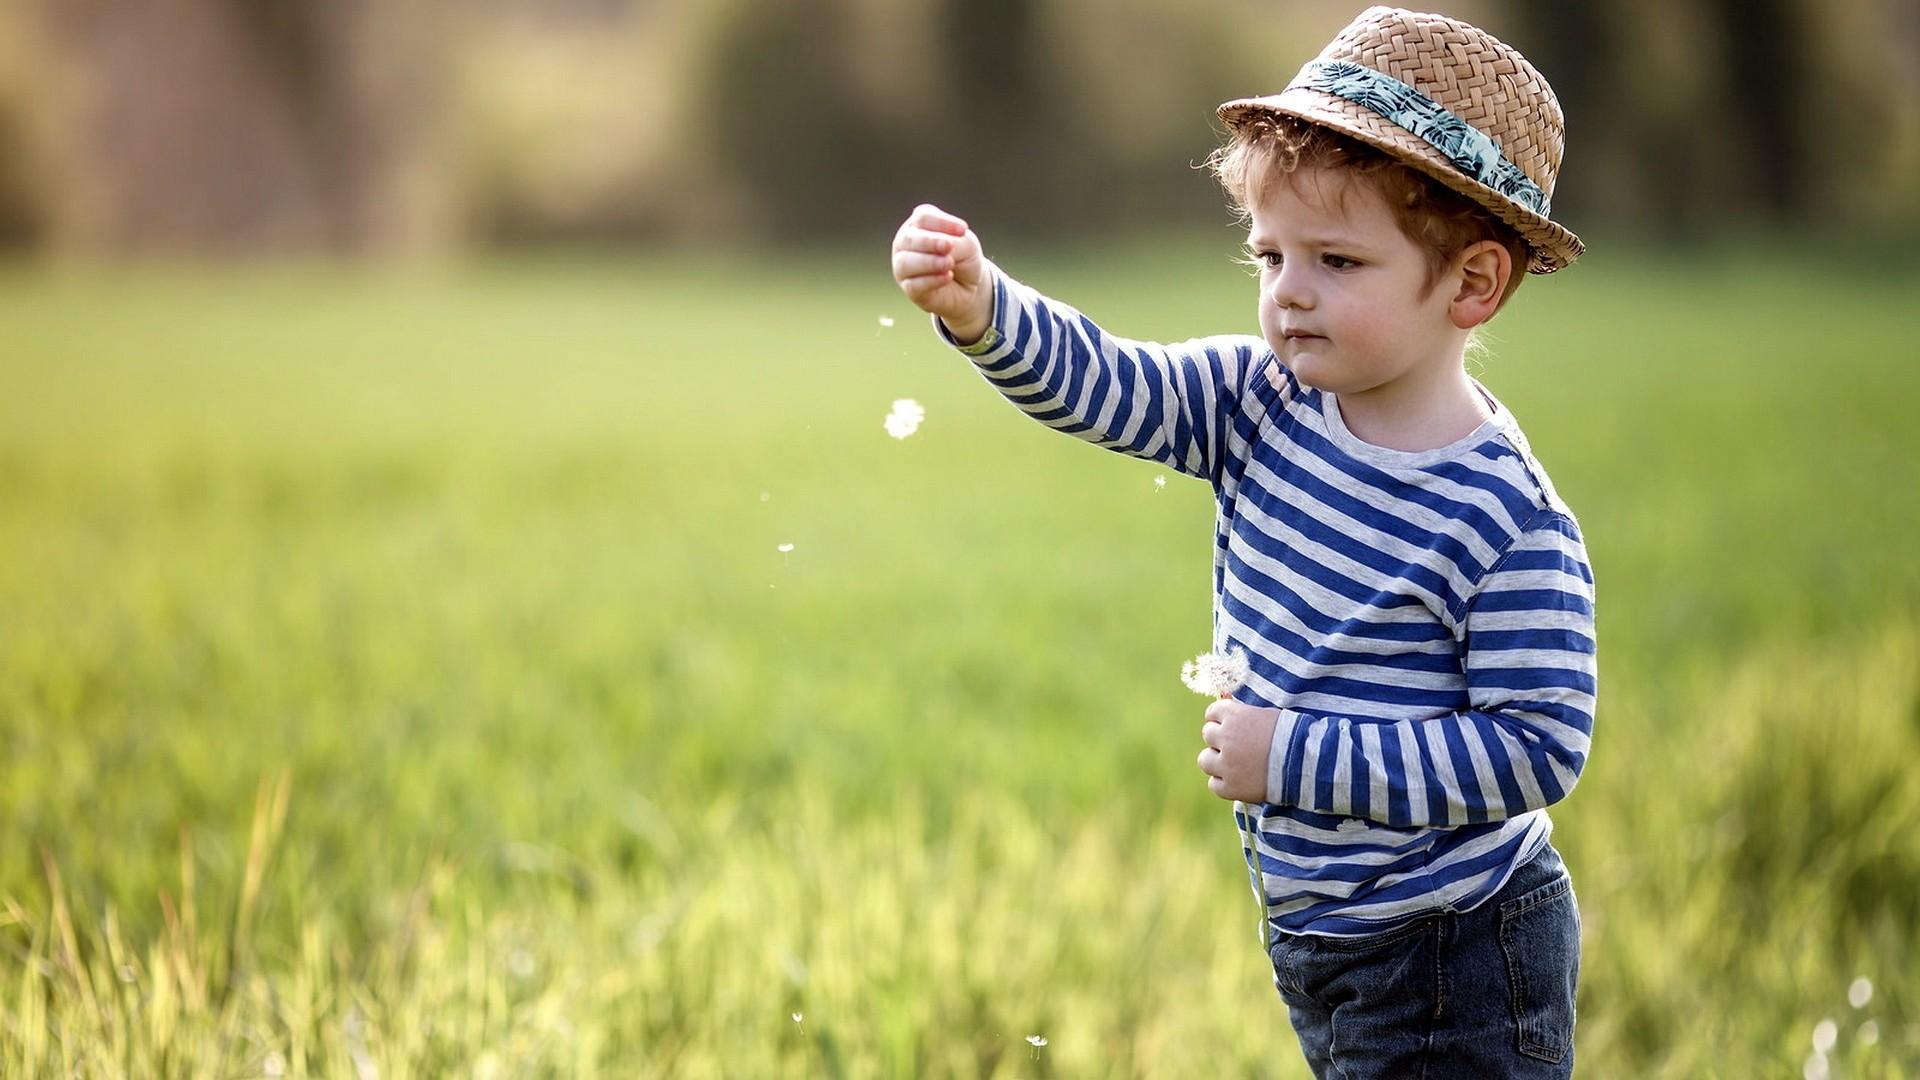 صوره صور اولاد صغار , اوعي الشقاوة والشقلباظات الي في اولادنا